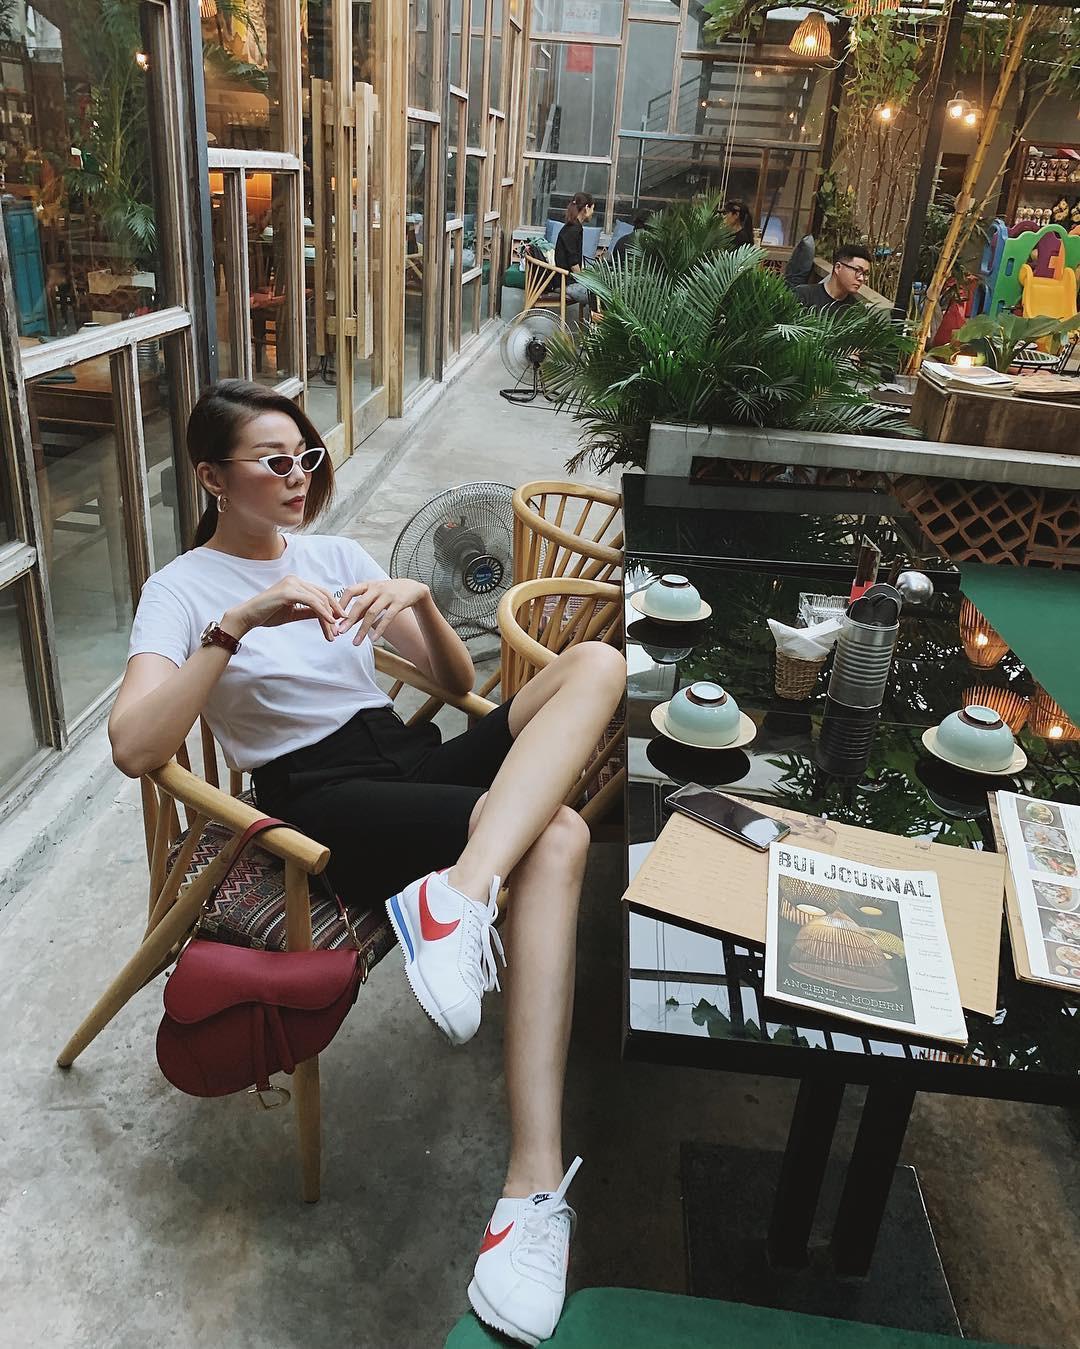 Làm chủ công thức đen - trắng với 13 ý tưởng từ sao nữ Việt và style của bạn sẽ lên đời thấy rõ - Ảnh 8.